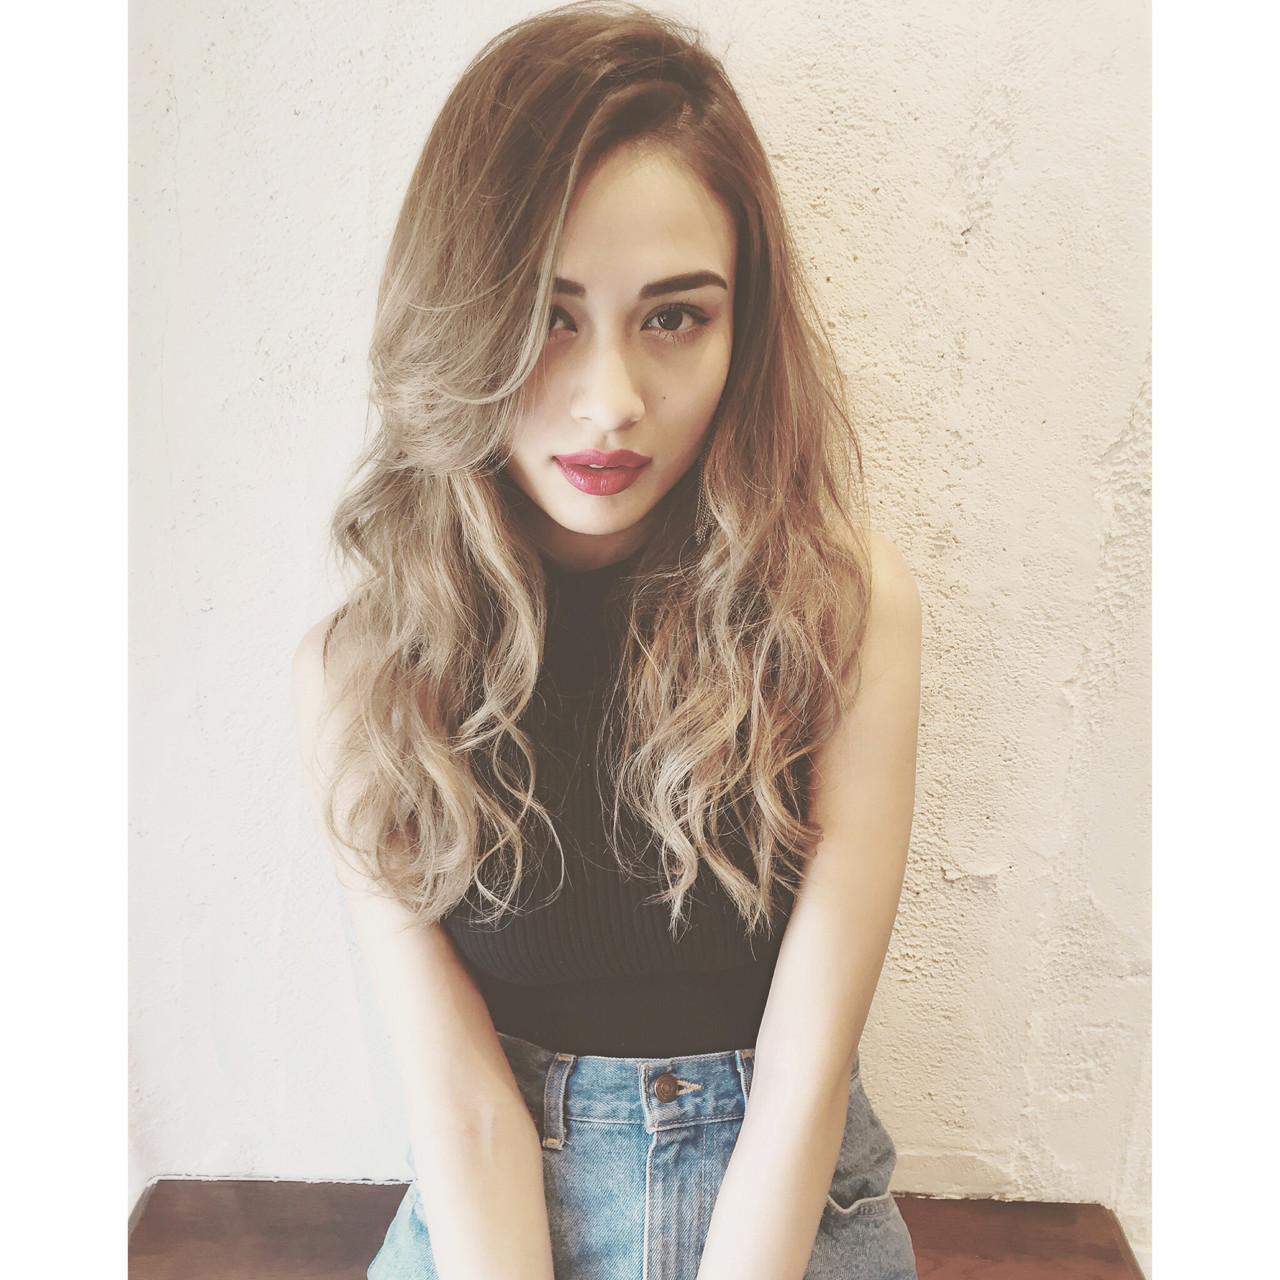 セミロング グラデーションカラー かき上げ前髪 前髪あり ヘアスタイルや髪型の写真・画像